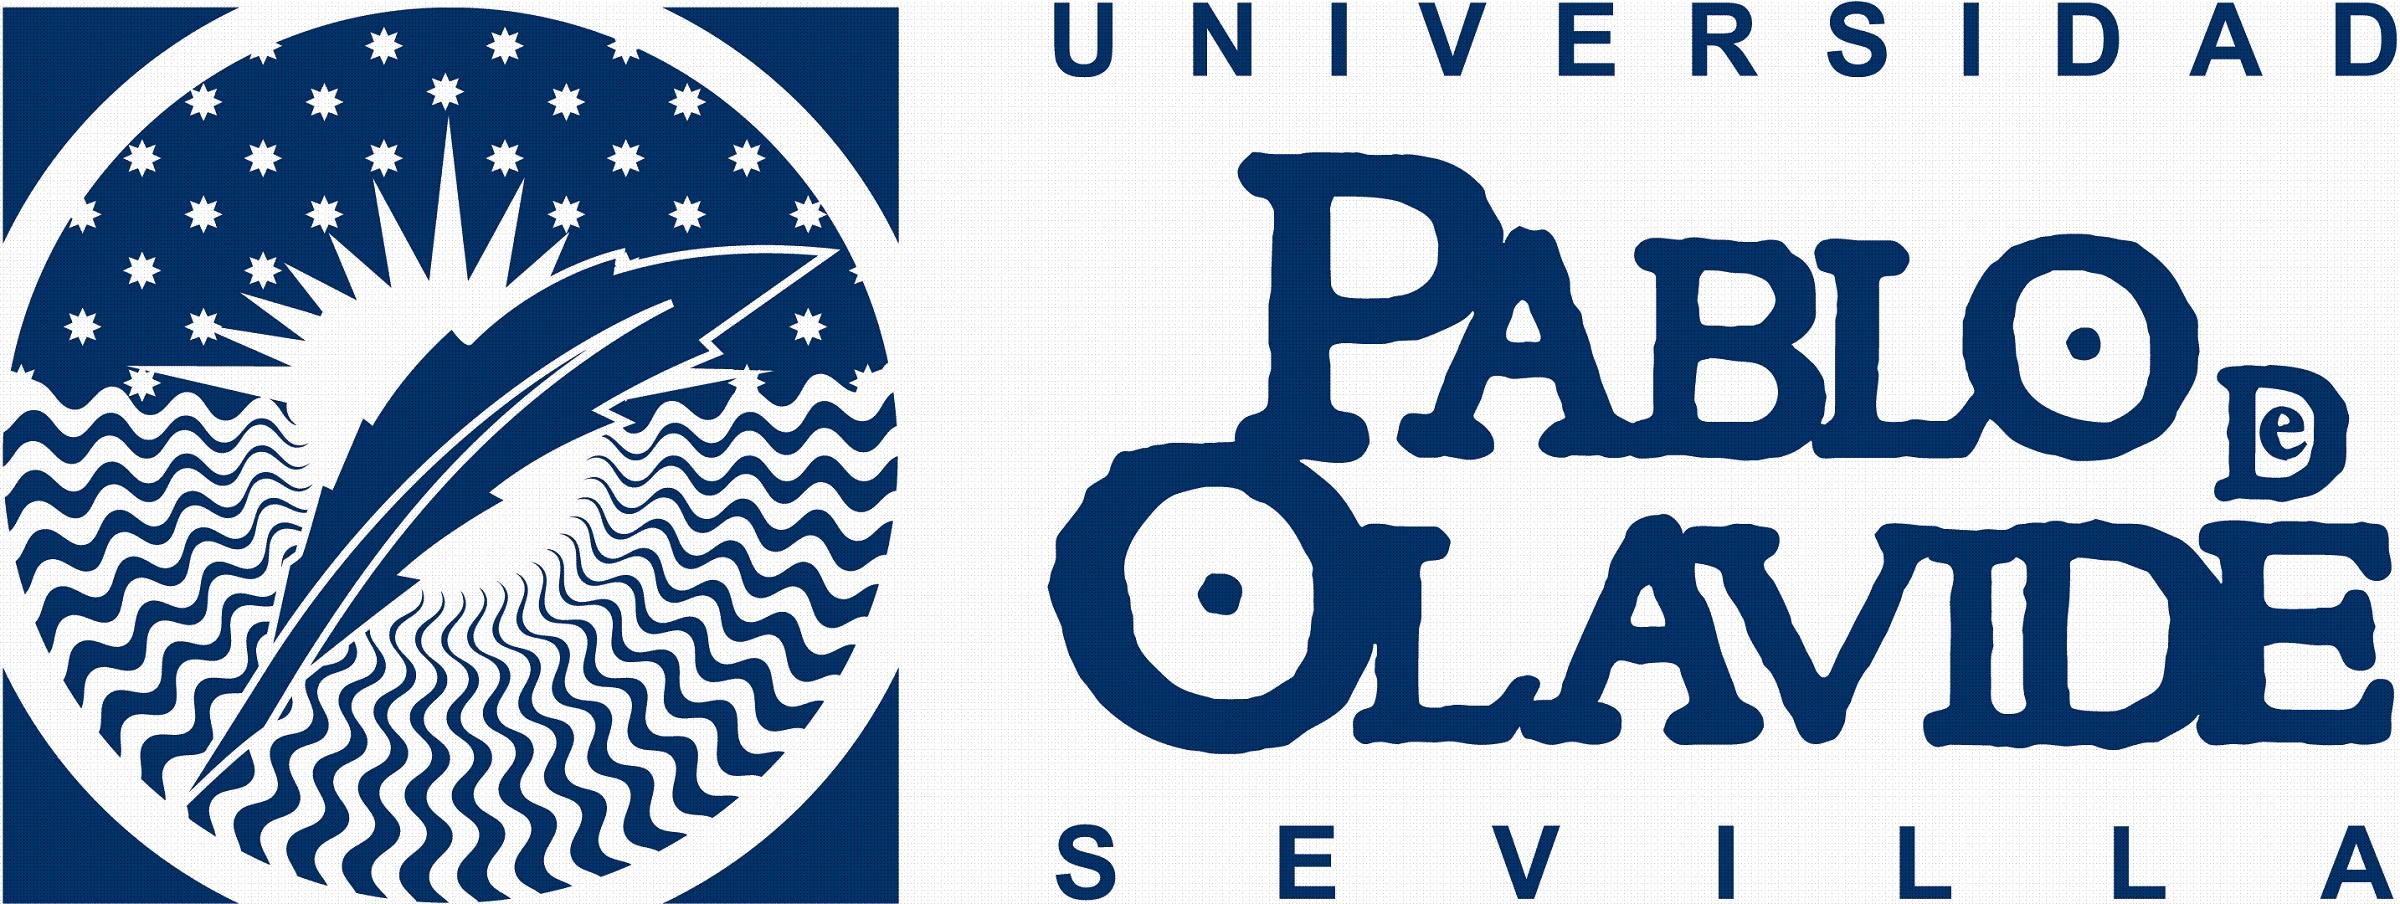 Logo de la Universidad Pablo de Olavide